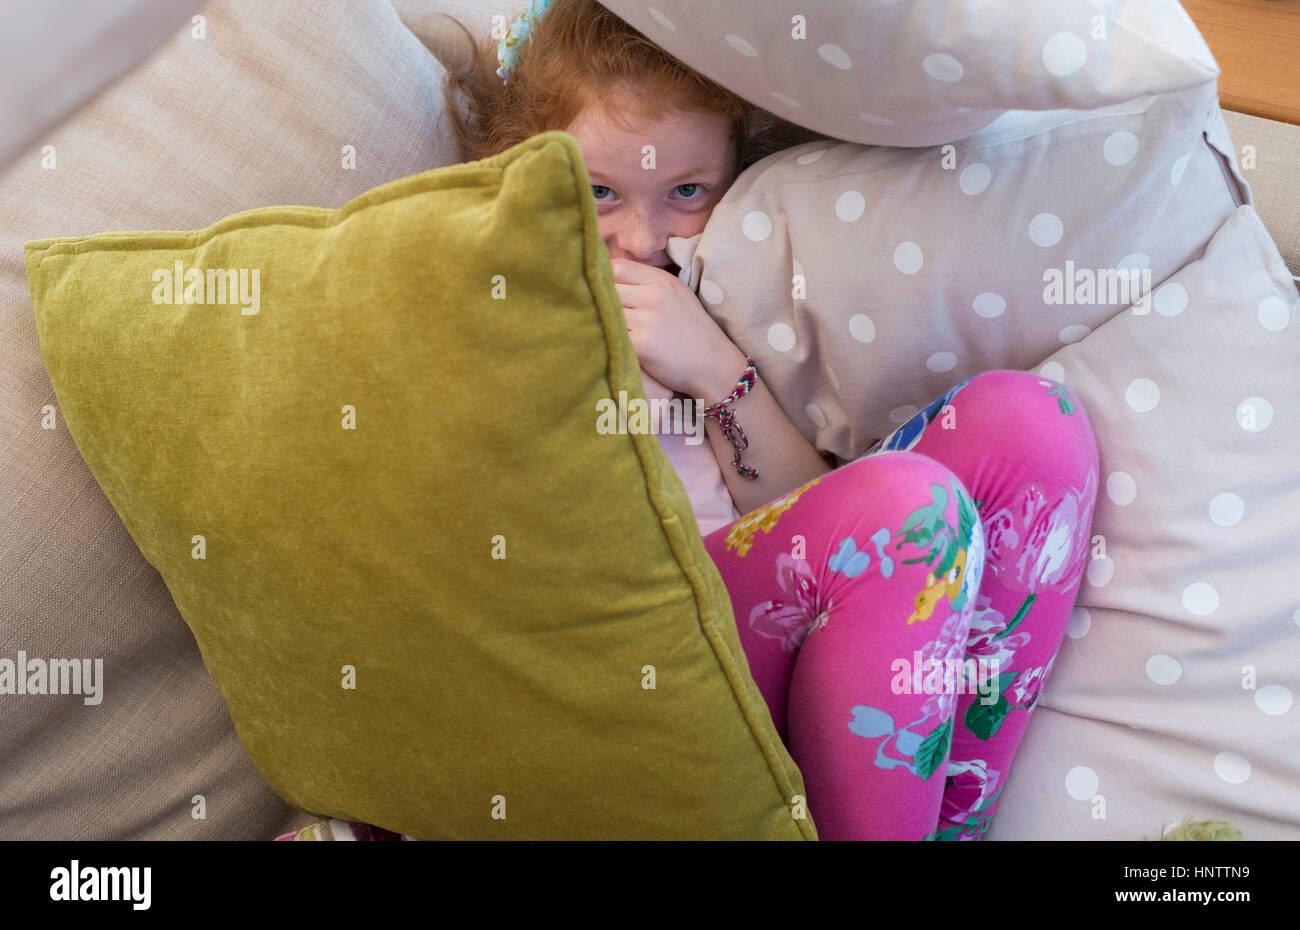 Ein kleines Mädchen versteckt sich unter einigen Kissen Stockbild